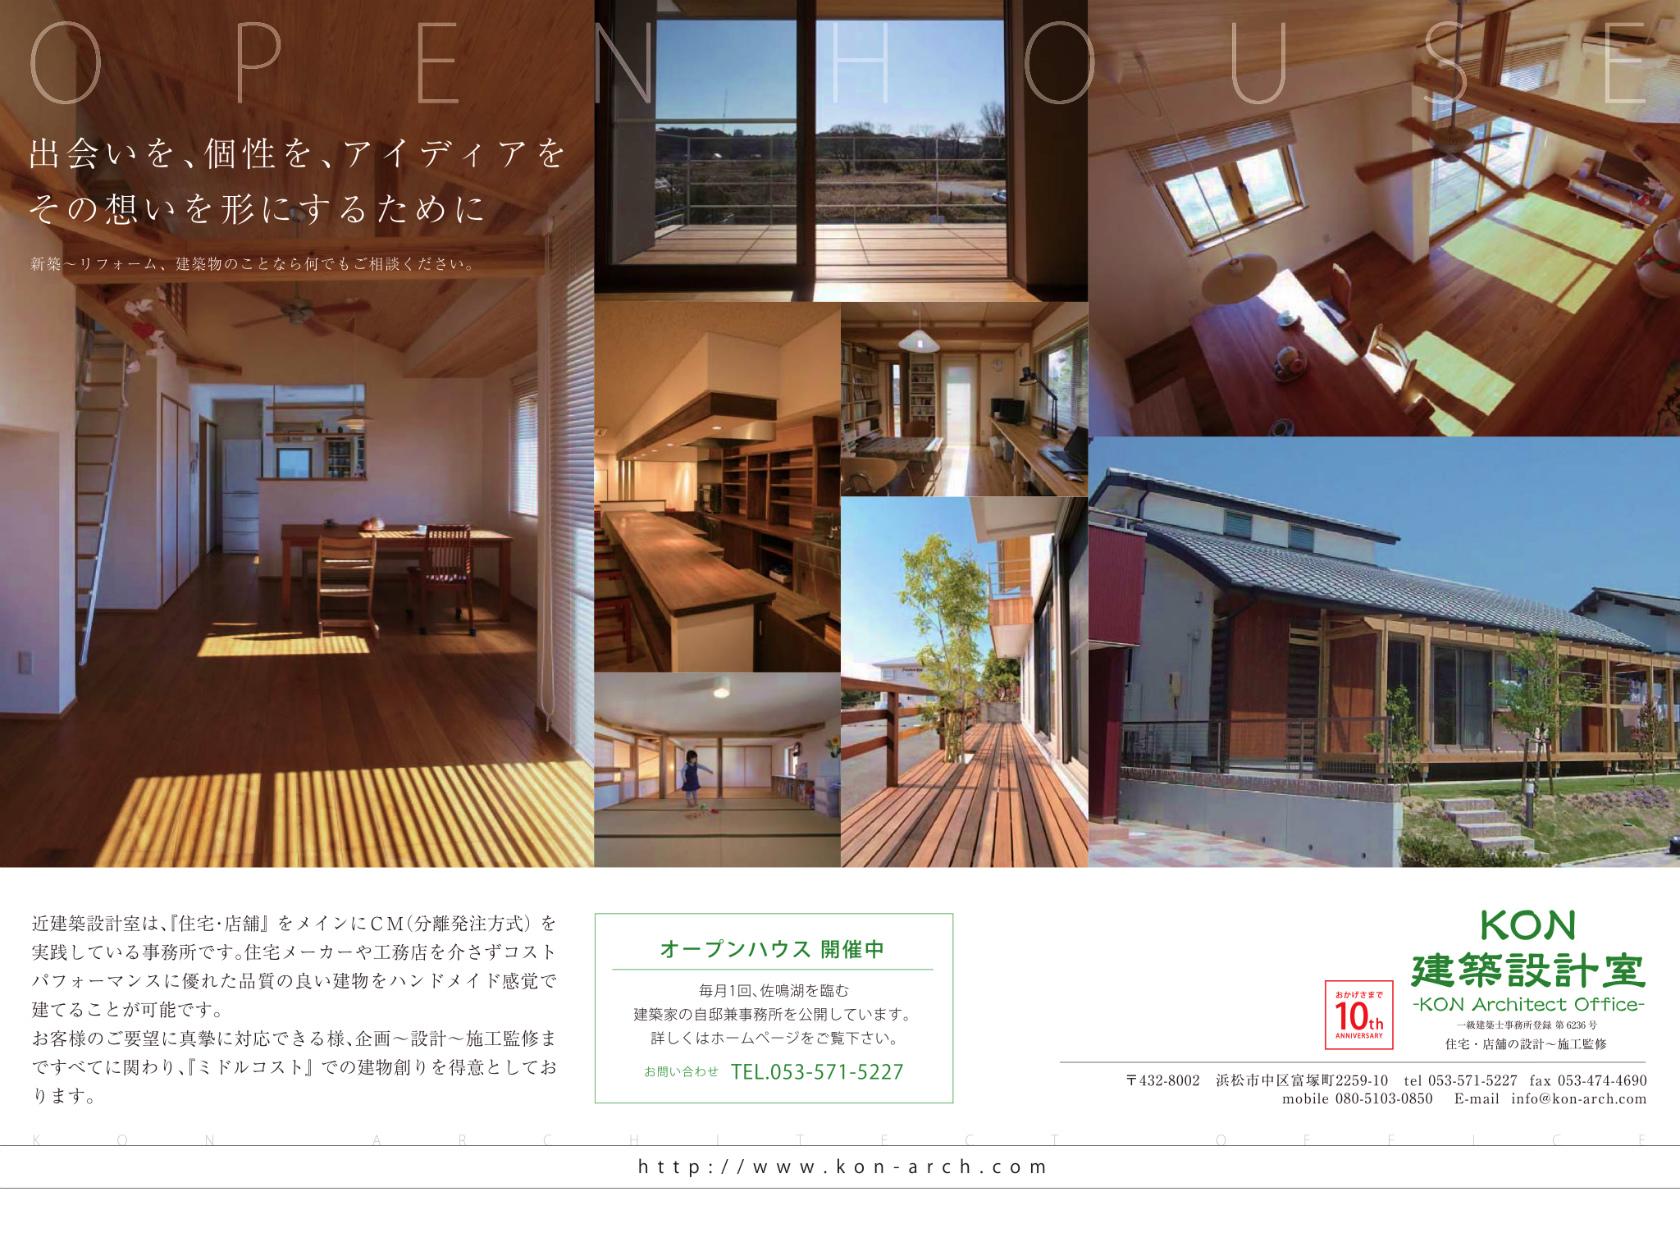 【定期オープンハウス】 8/18(土)、19(日)に開催します!